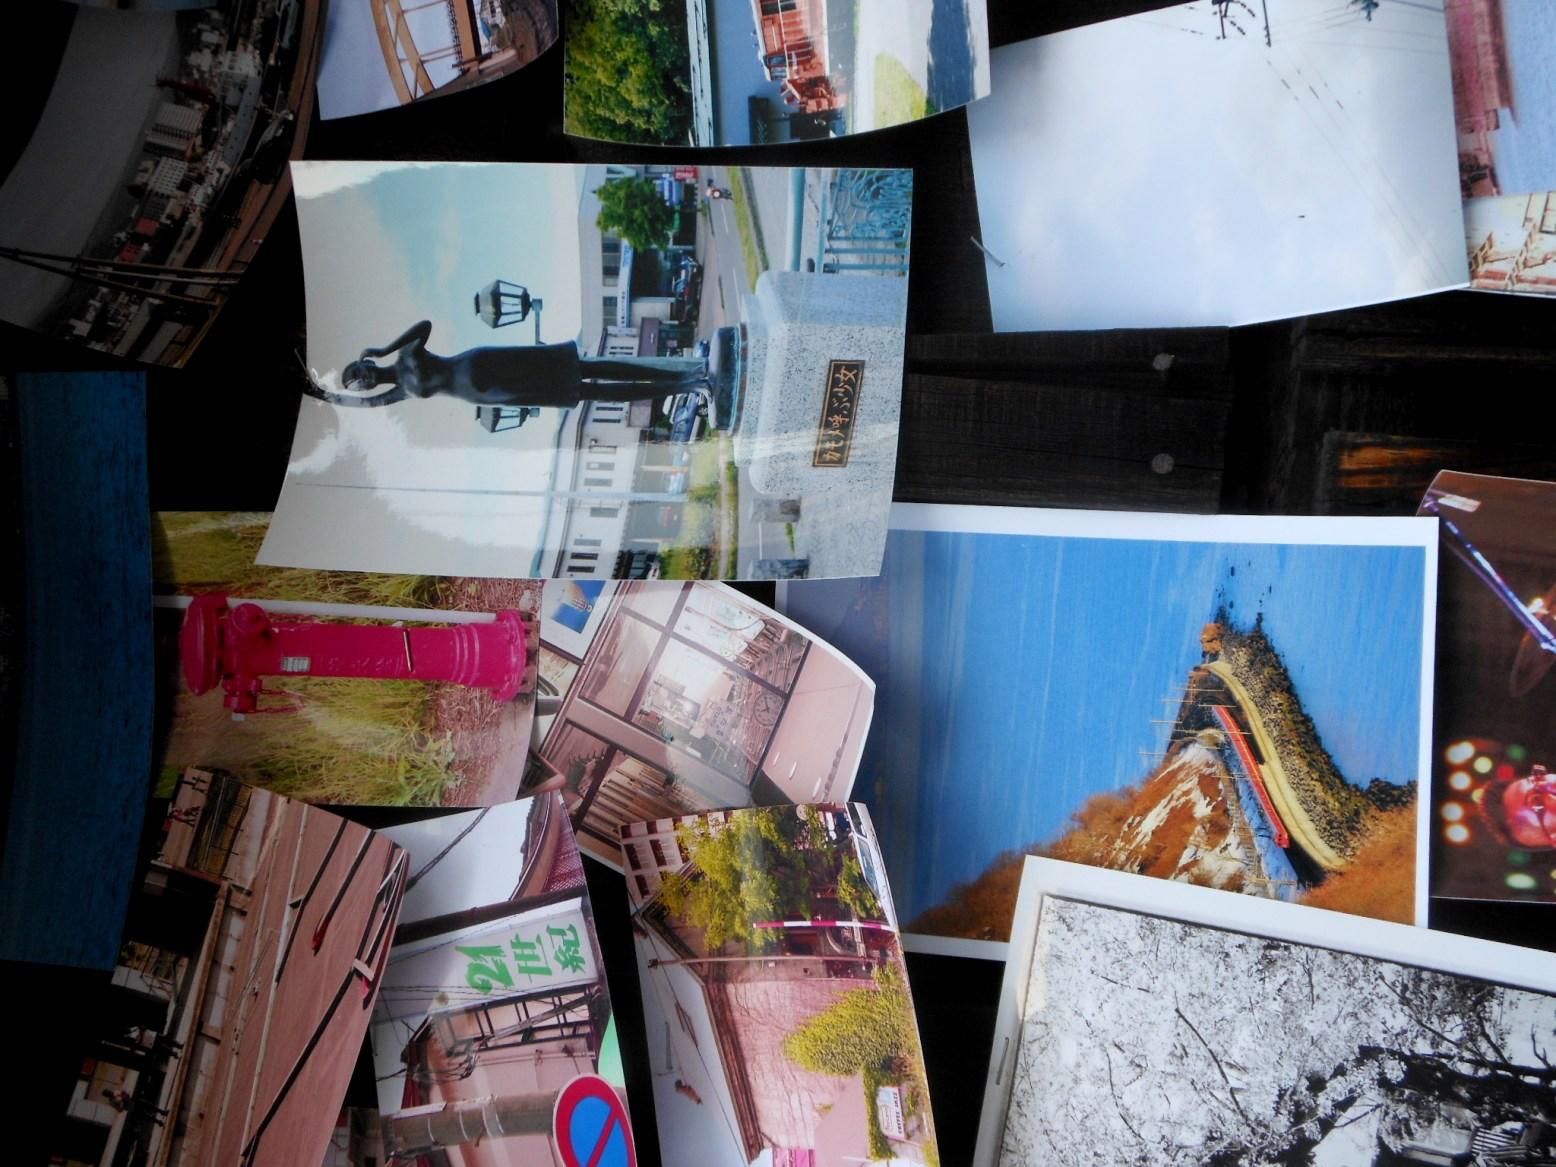 1822) 「小樽・鉄路・写真展 13th 2012」 小樽旧手宮線跡地 8月27日(月)~9月9日(日)_f0126829_914655.jpg